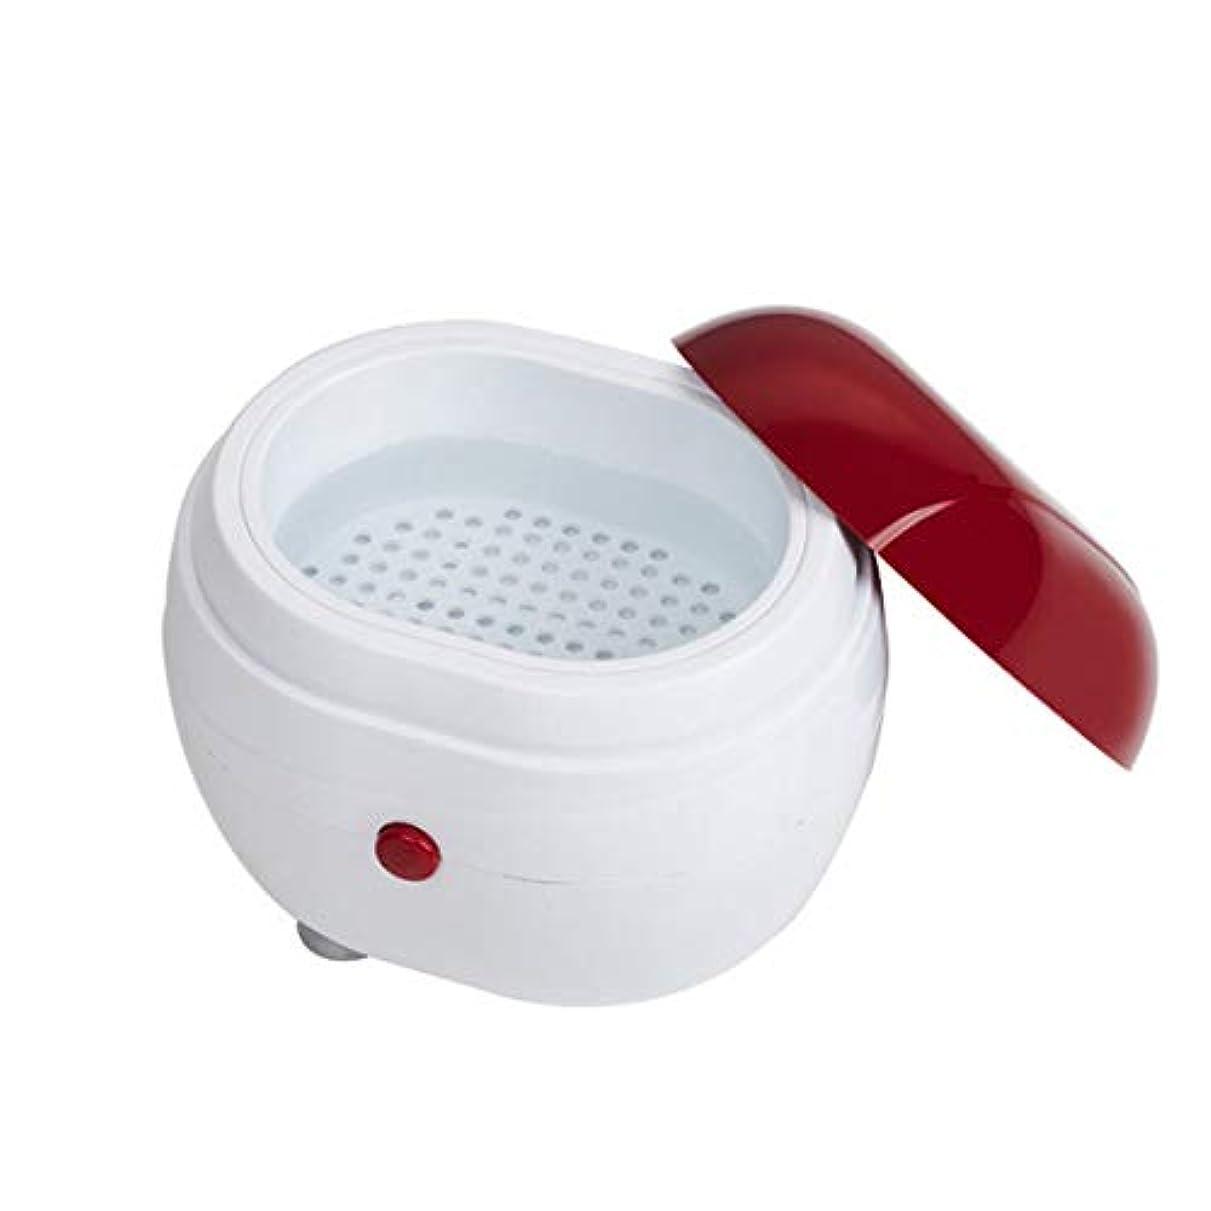 こしょうみすぼらしい検証ポータブル超音波洗濯機家庭用ジュエリーレンズ時計入れ歯クリーニング機洗濯機クリーナークリーニングボックス - 赤&白